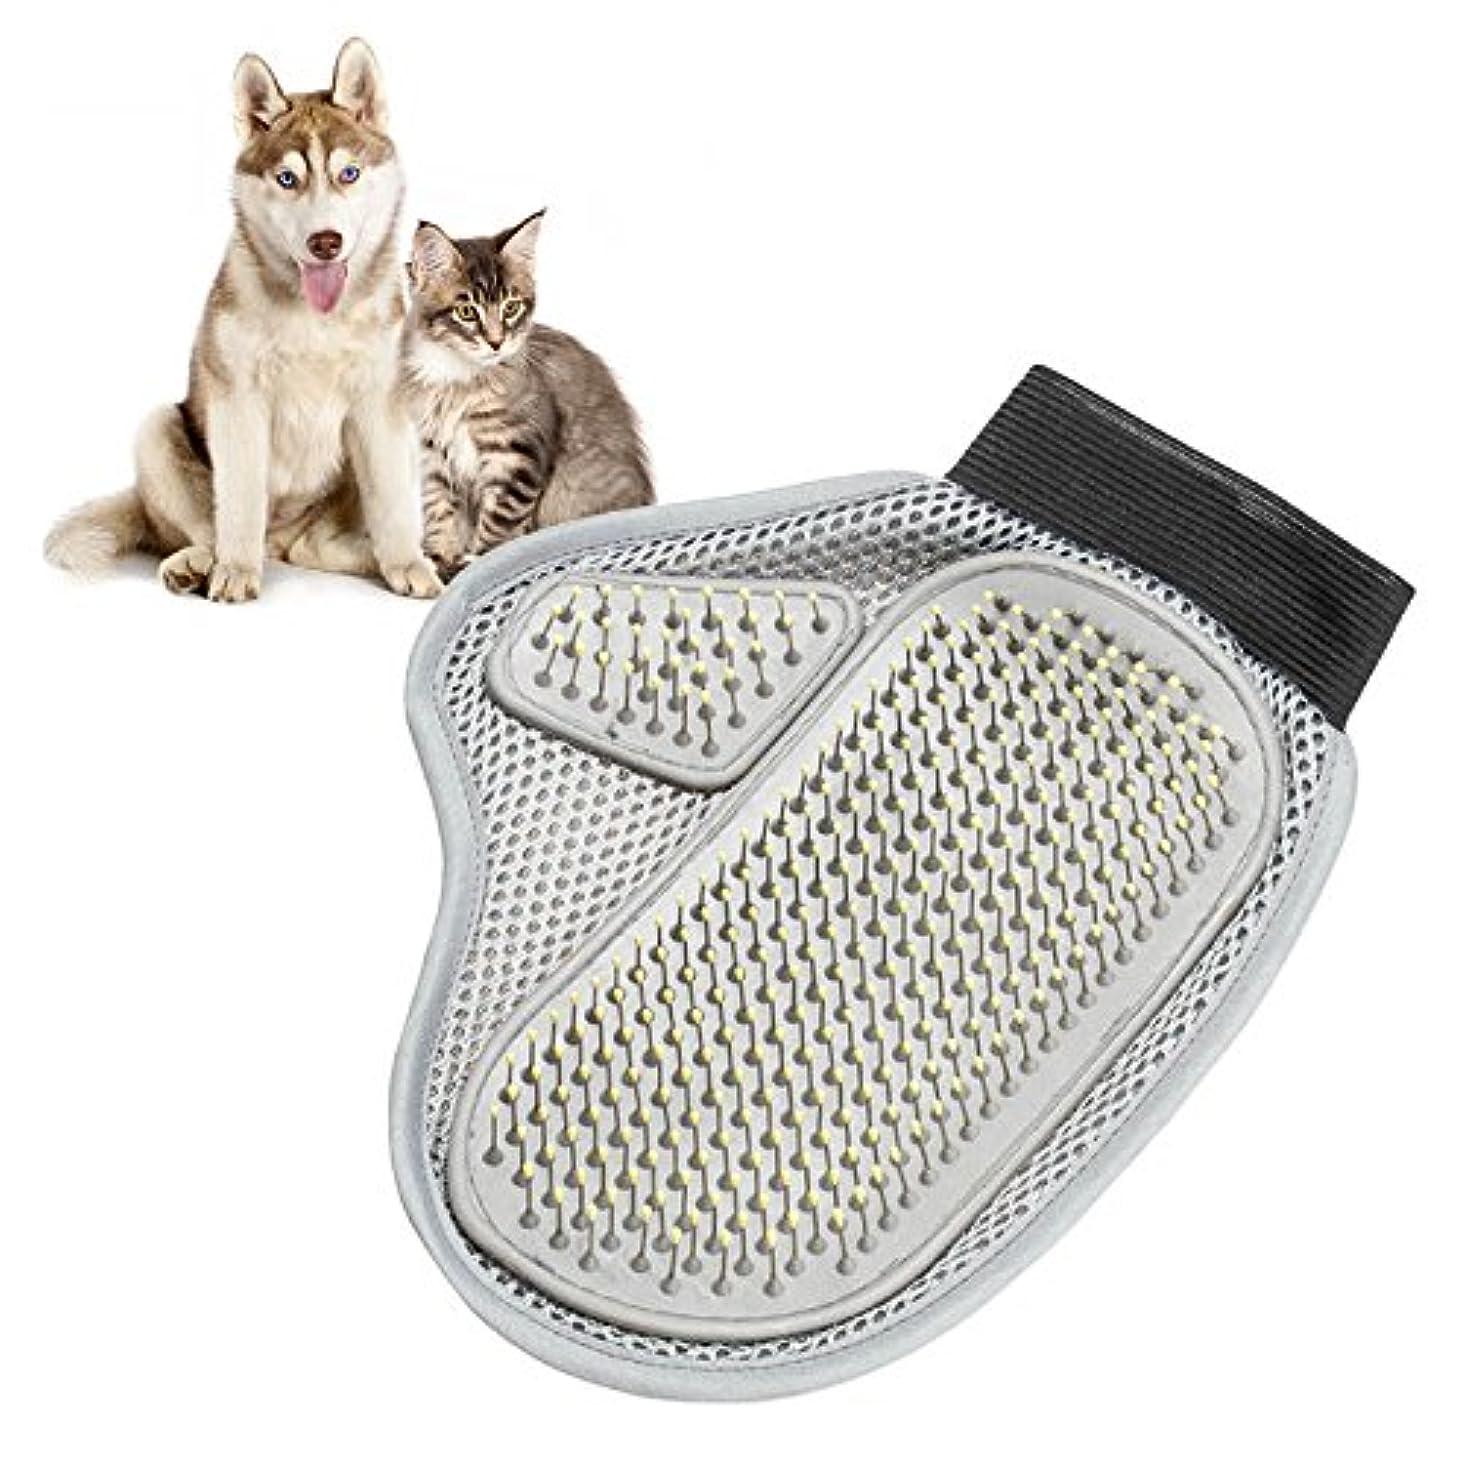 年複雑合併症BTXXYJP ペット ブラシ 手袋 猫 ブラシ グローブ クリーナー 耐摩耗 抜け毛取り マッサージブラシ 犬 グローブ (Color : Gray, Size : M)